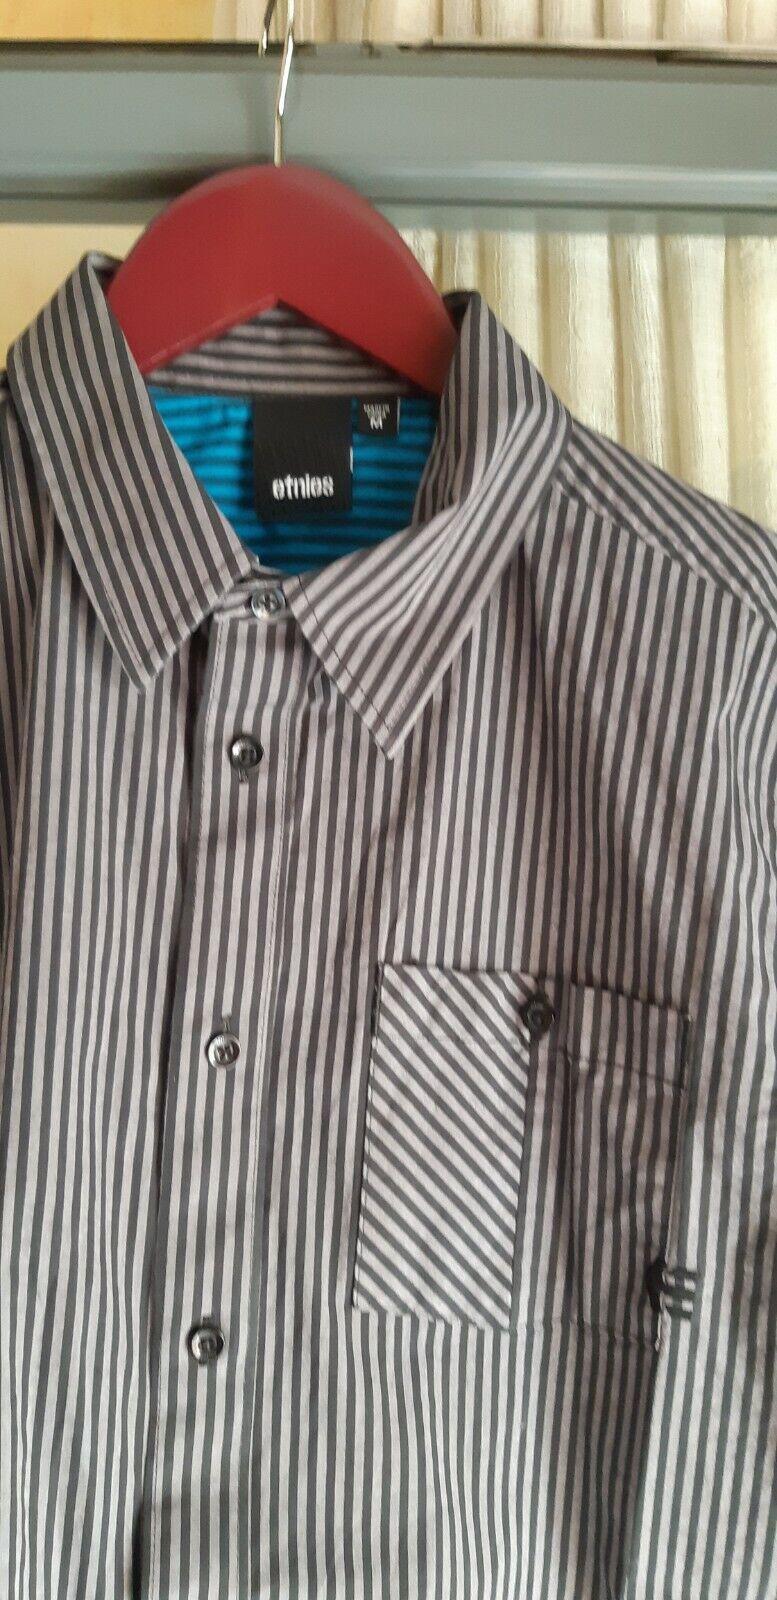 camisa etnies, talla: M